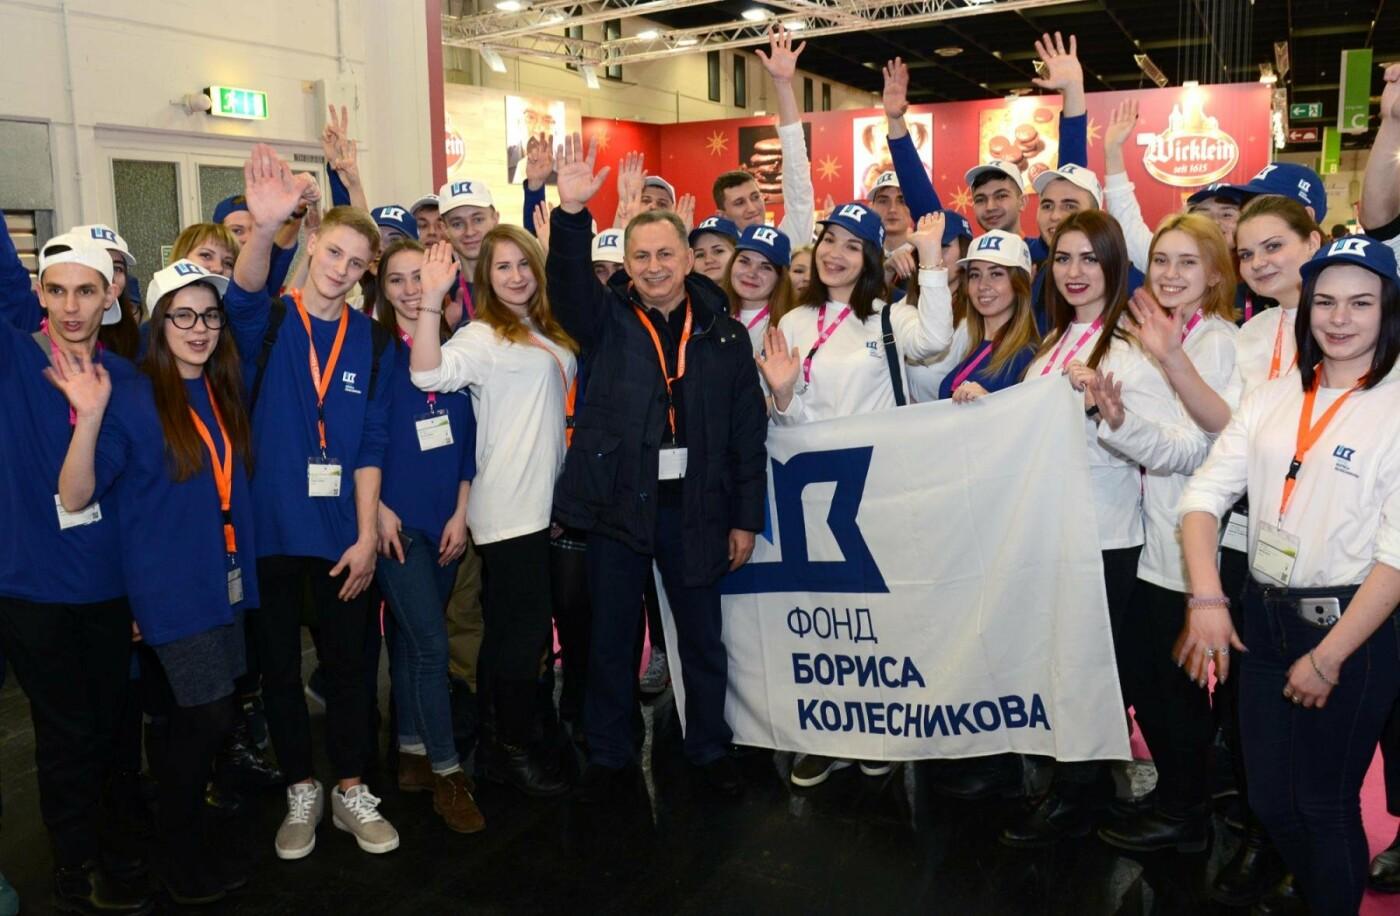 Борис Колесников и украинские студенты оценили достижения кондитеров со всего мира в Кельне, фото-3